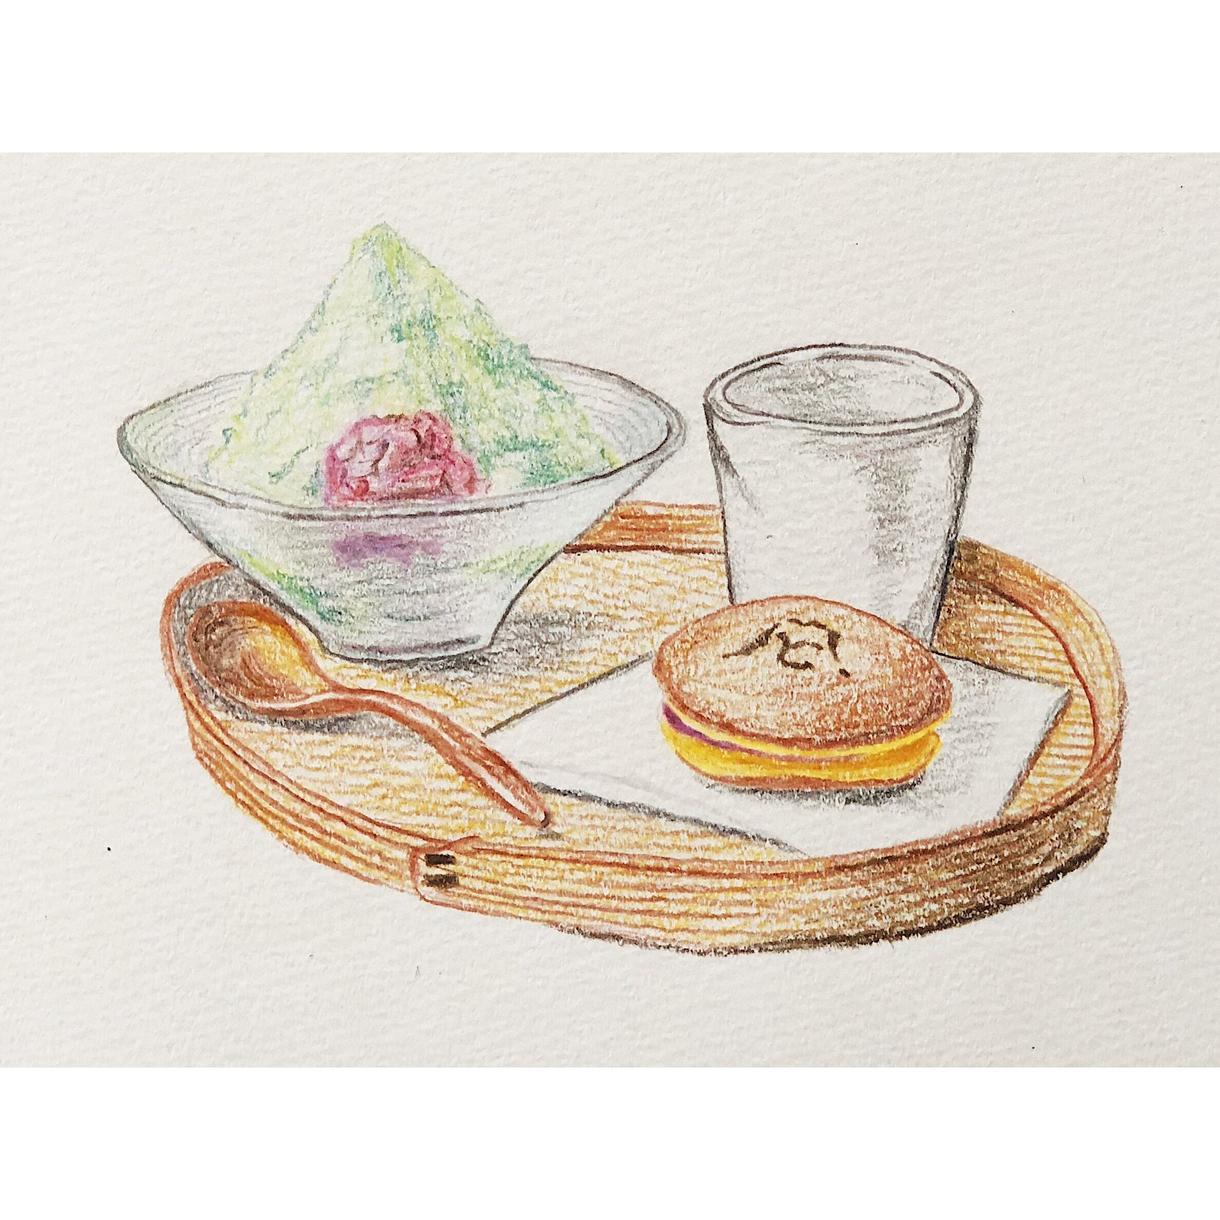 フードイラスト描きます カフェのメニューやポップに絵を掲載してみませんか?